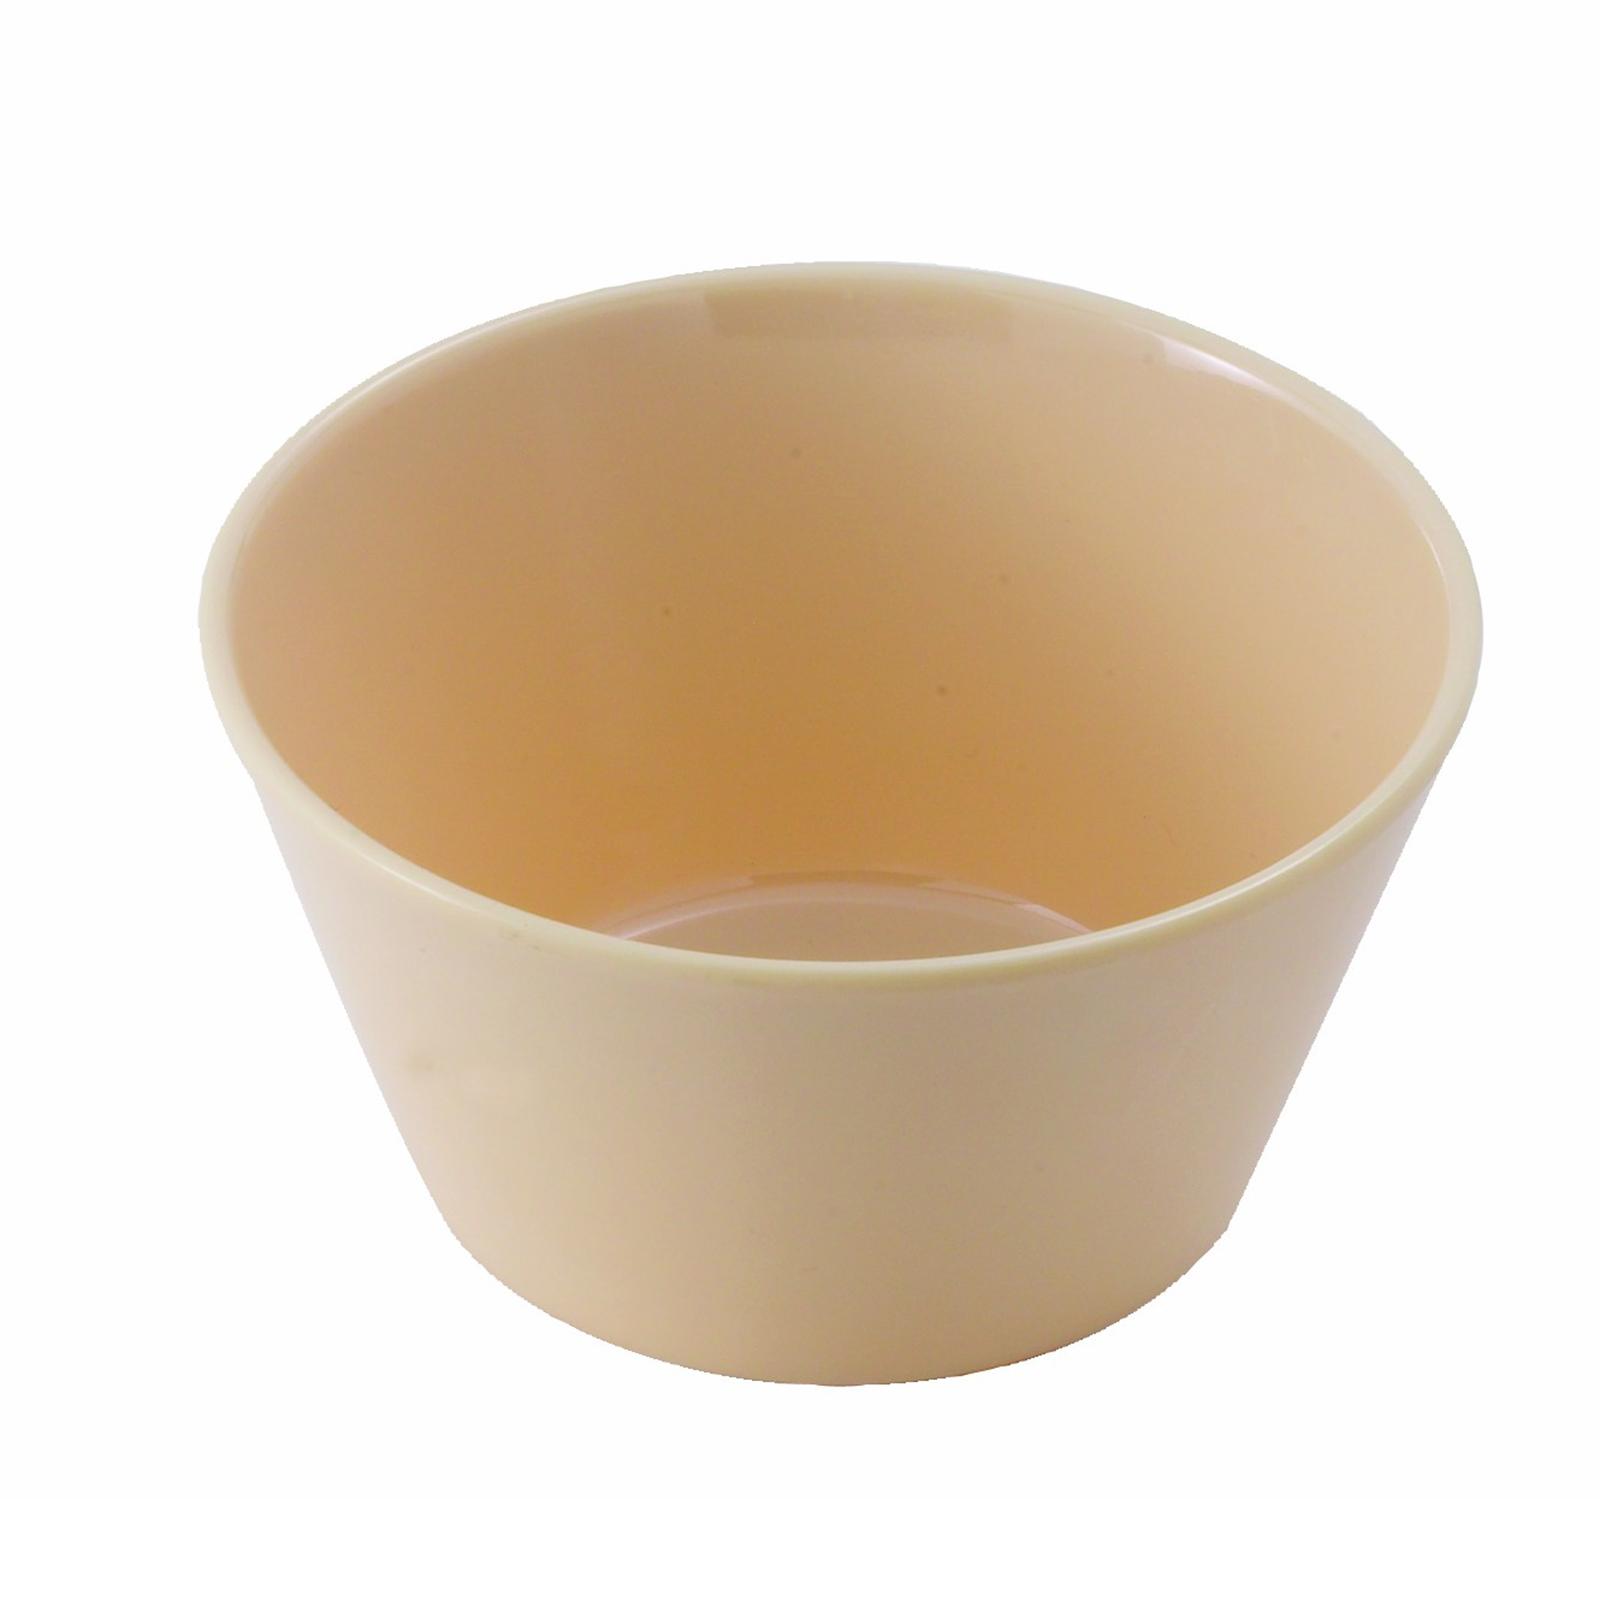 Winco MMB-8 bouillon cups, plastic